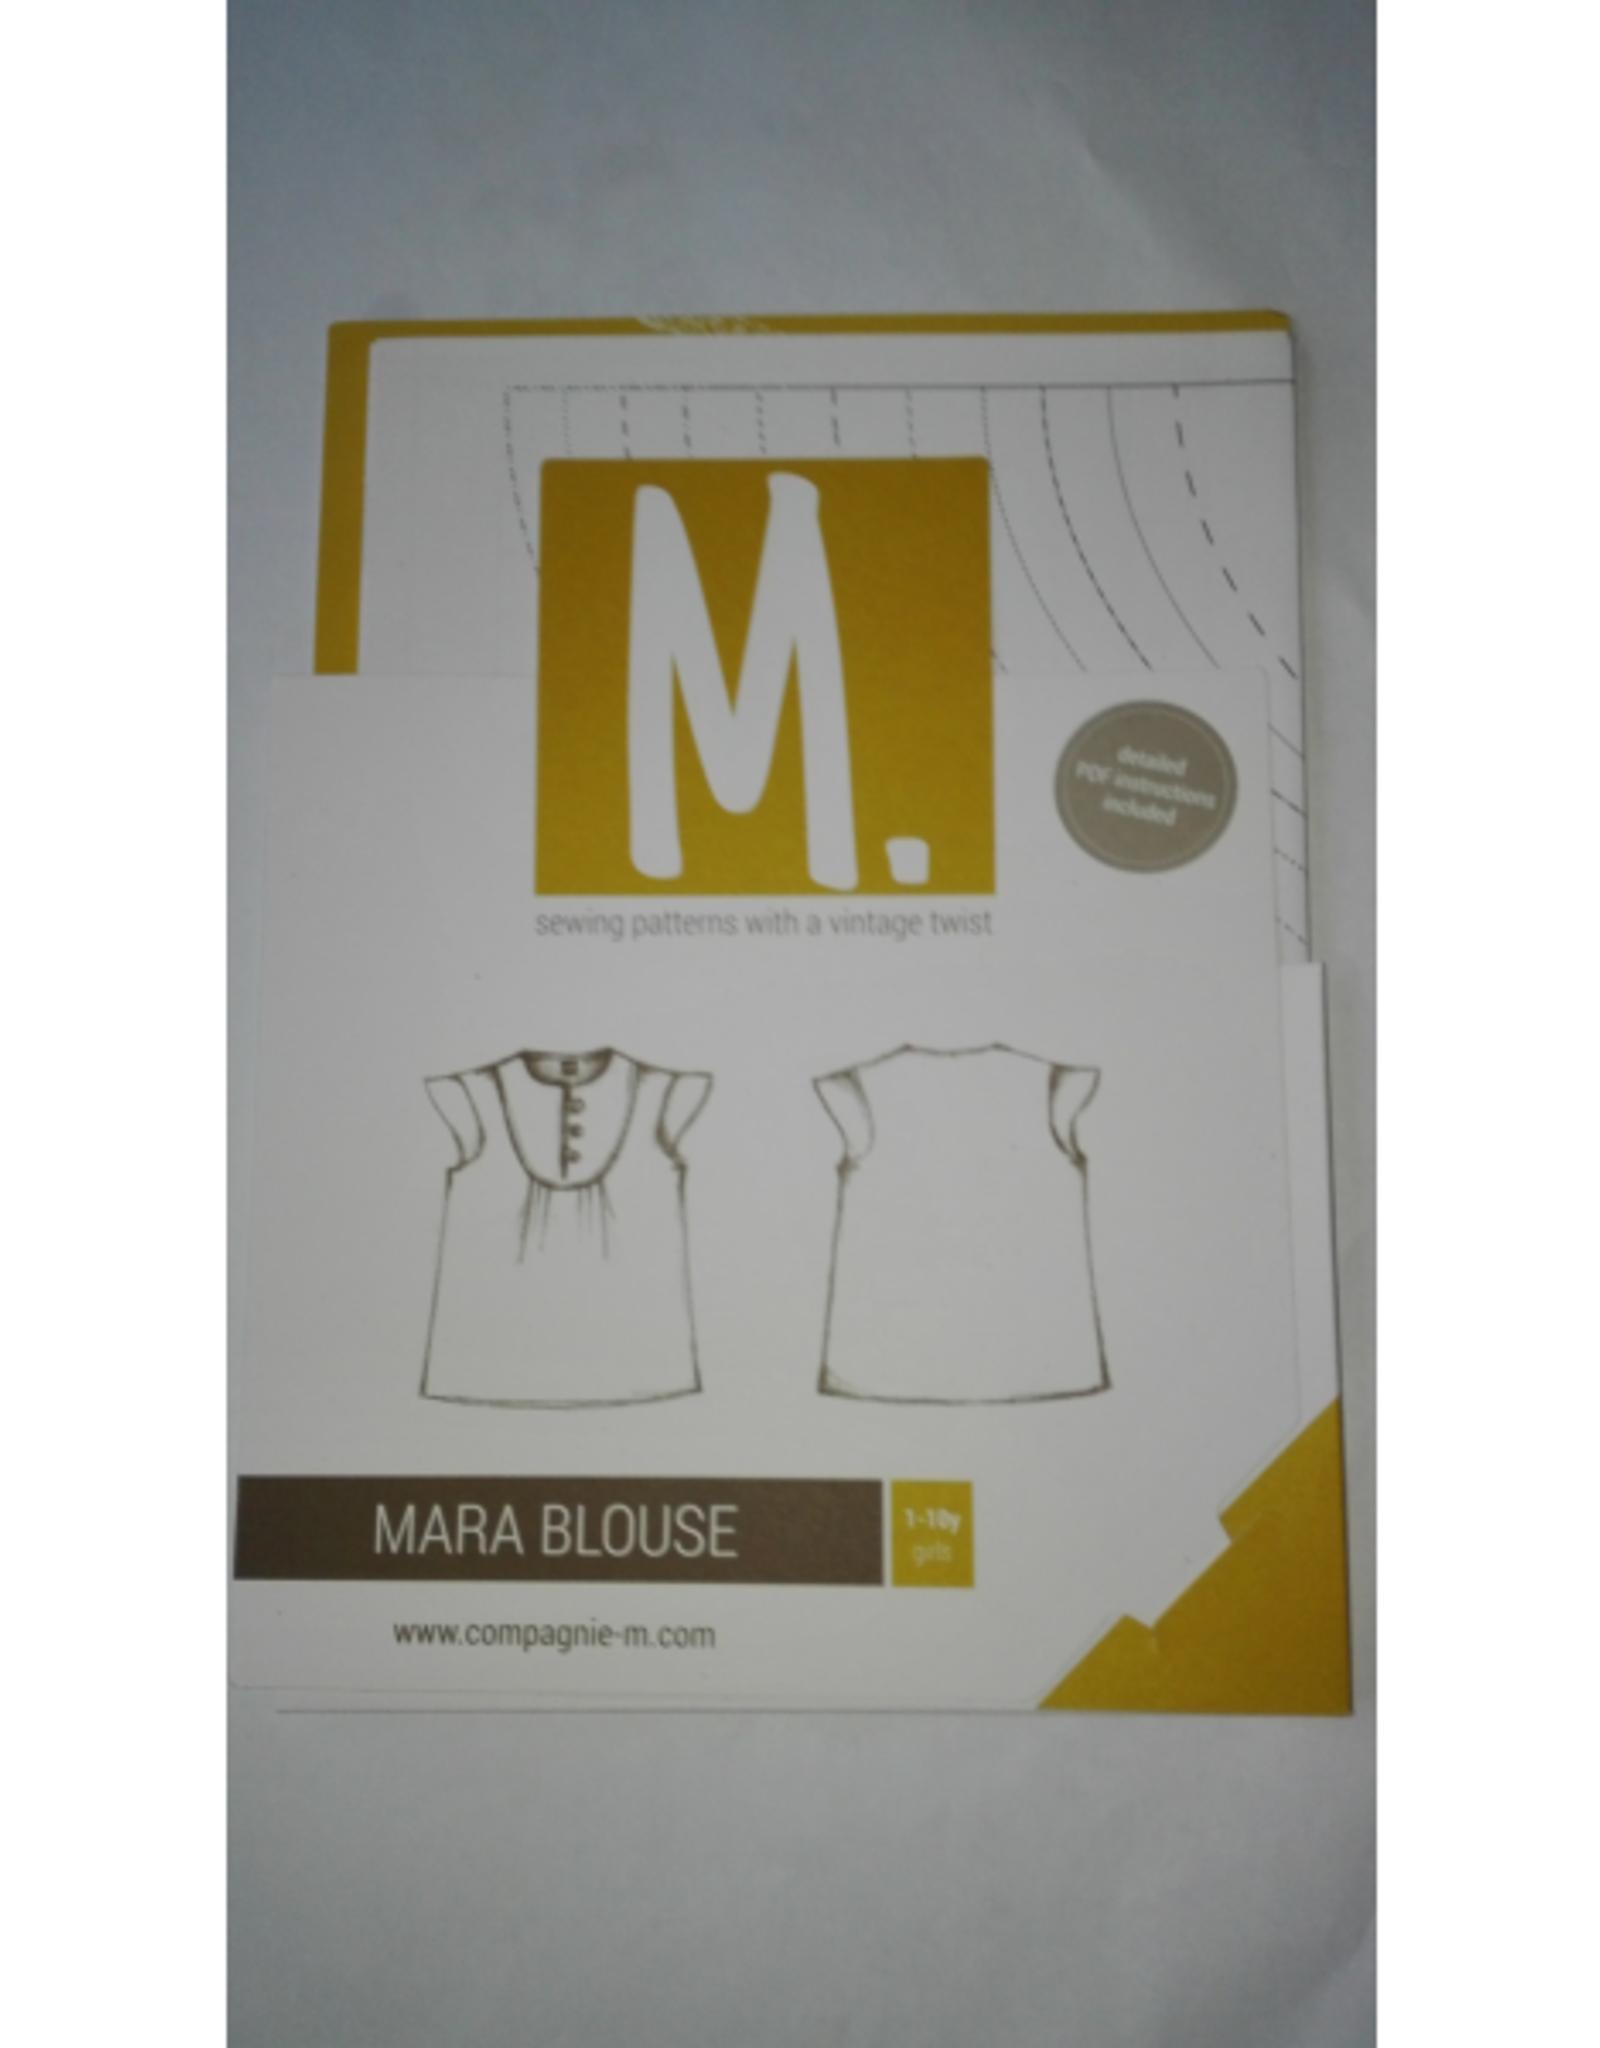 Compagnie M Compagnie M Mara blouse